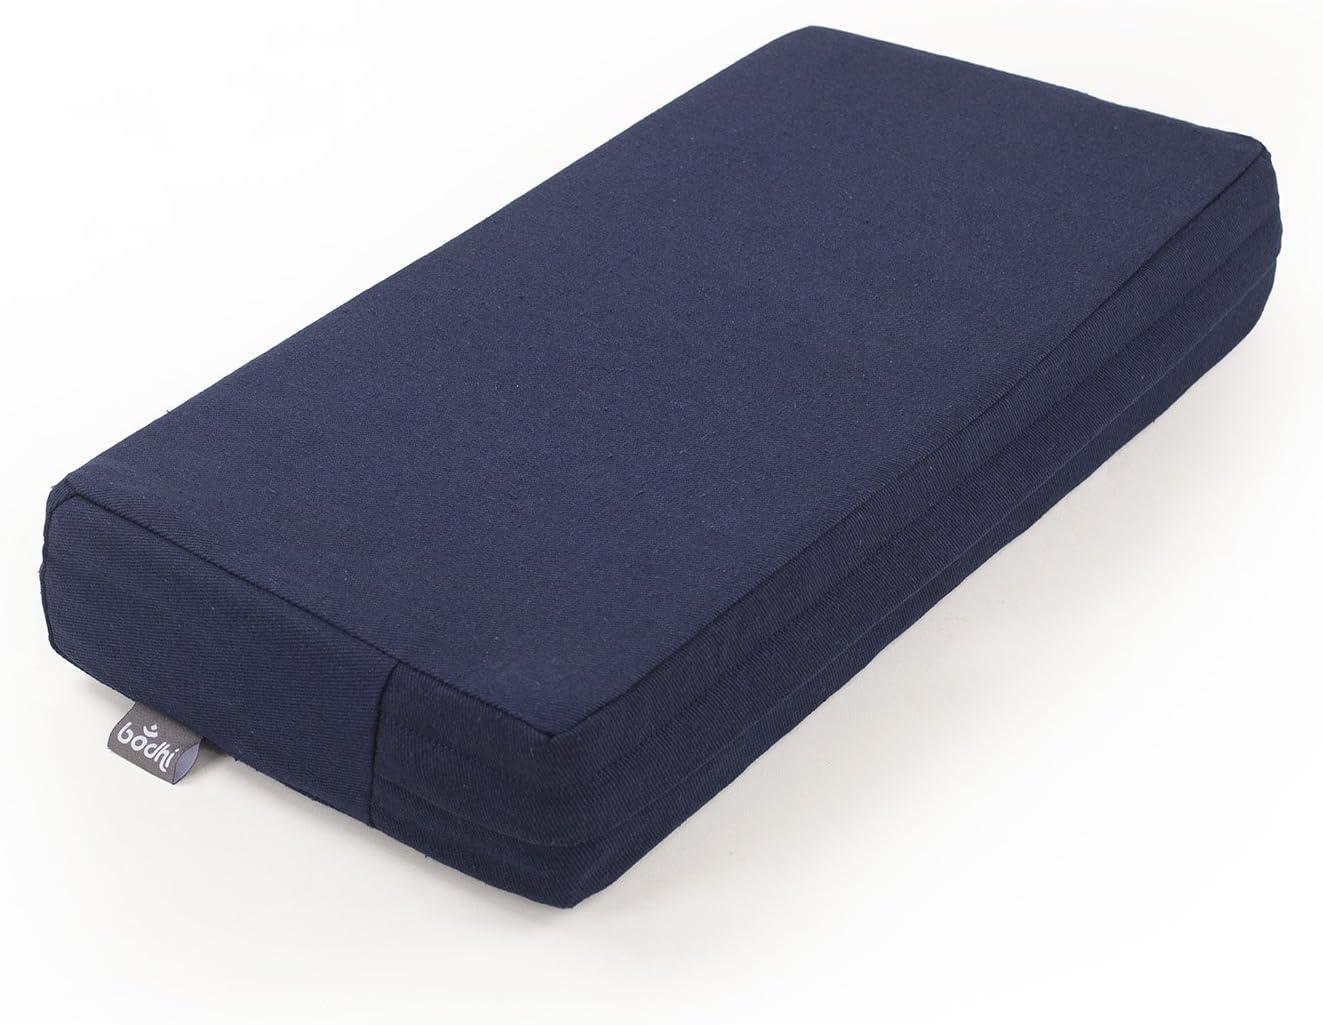 garnissage en fibre de coco avec housse en coton amovible 46 x 23 x 7,5 cm MANDIR Coussin rectangulaire